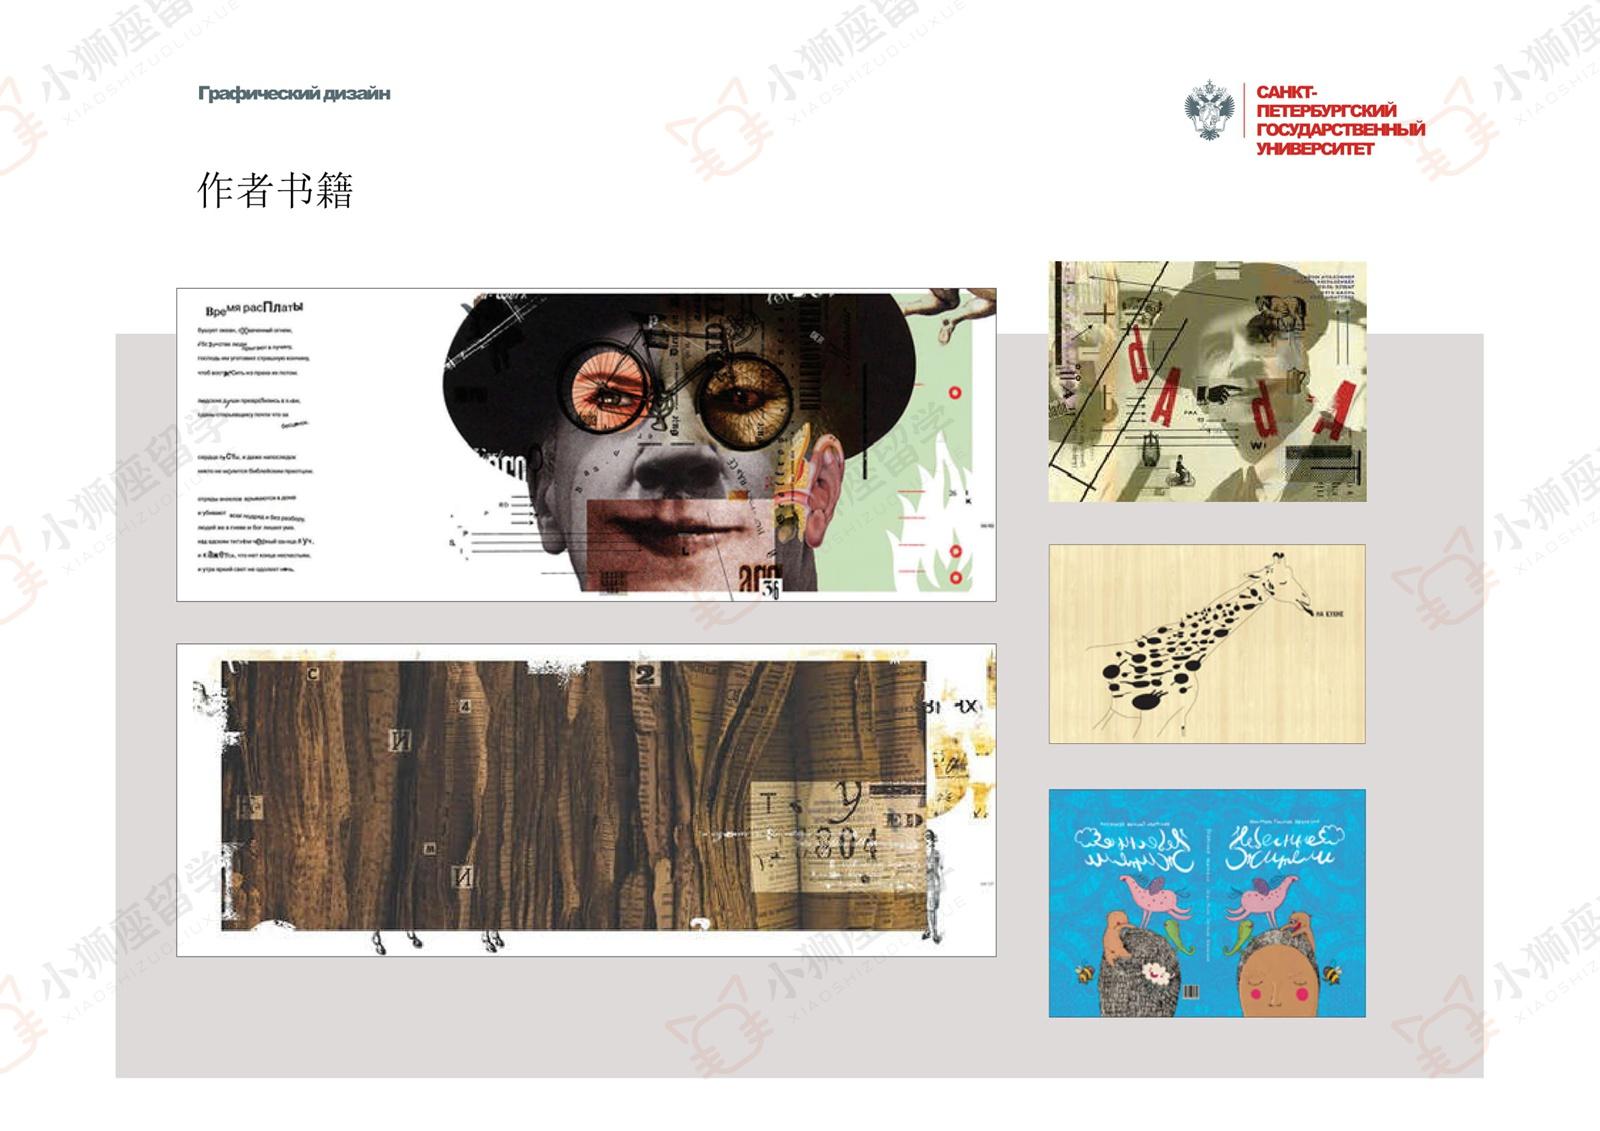 圣彼得堡国立大学《平面设计》硕士研究生方向介绍!插图18-小狮座俄罗斯留学